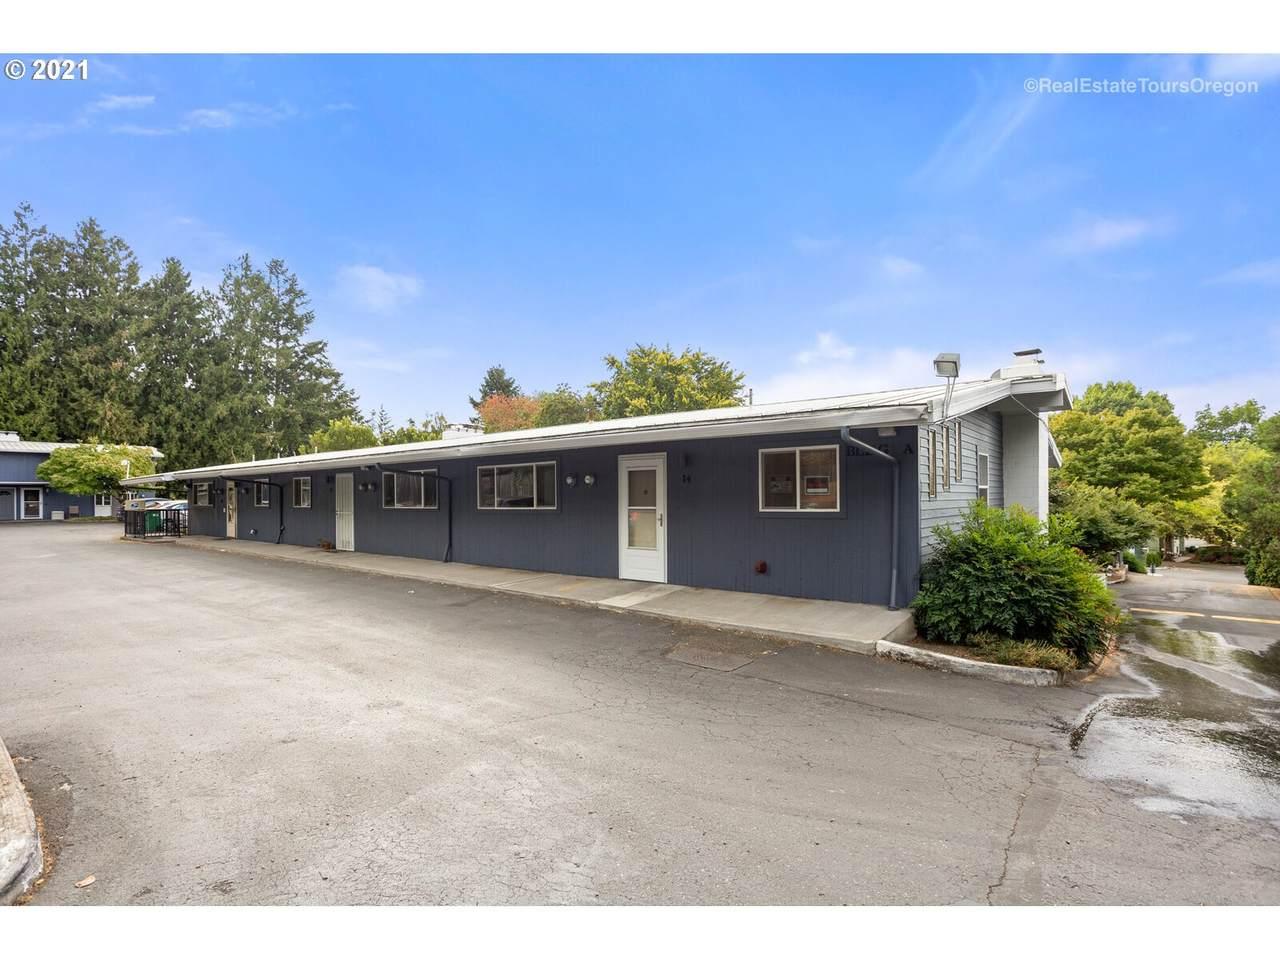 10090 Beaverton Hillsdale Hwy - Photo 1